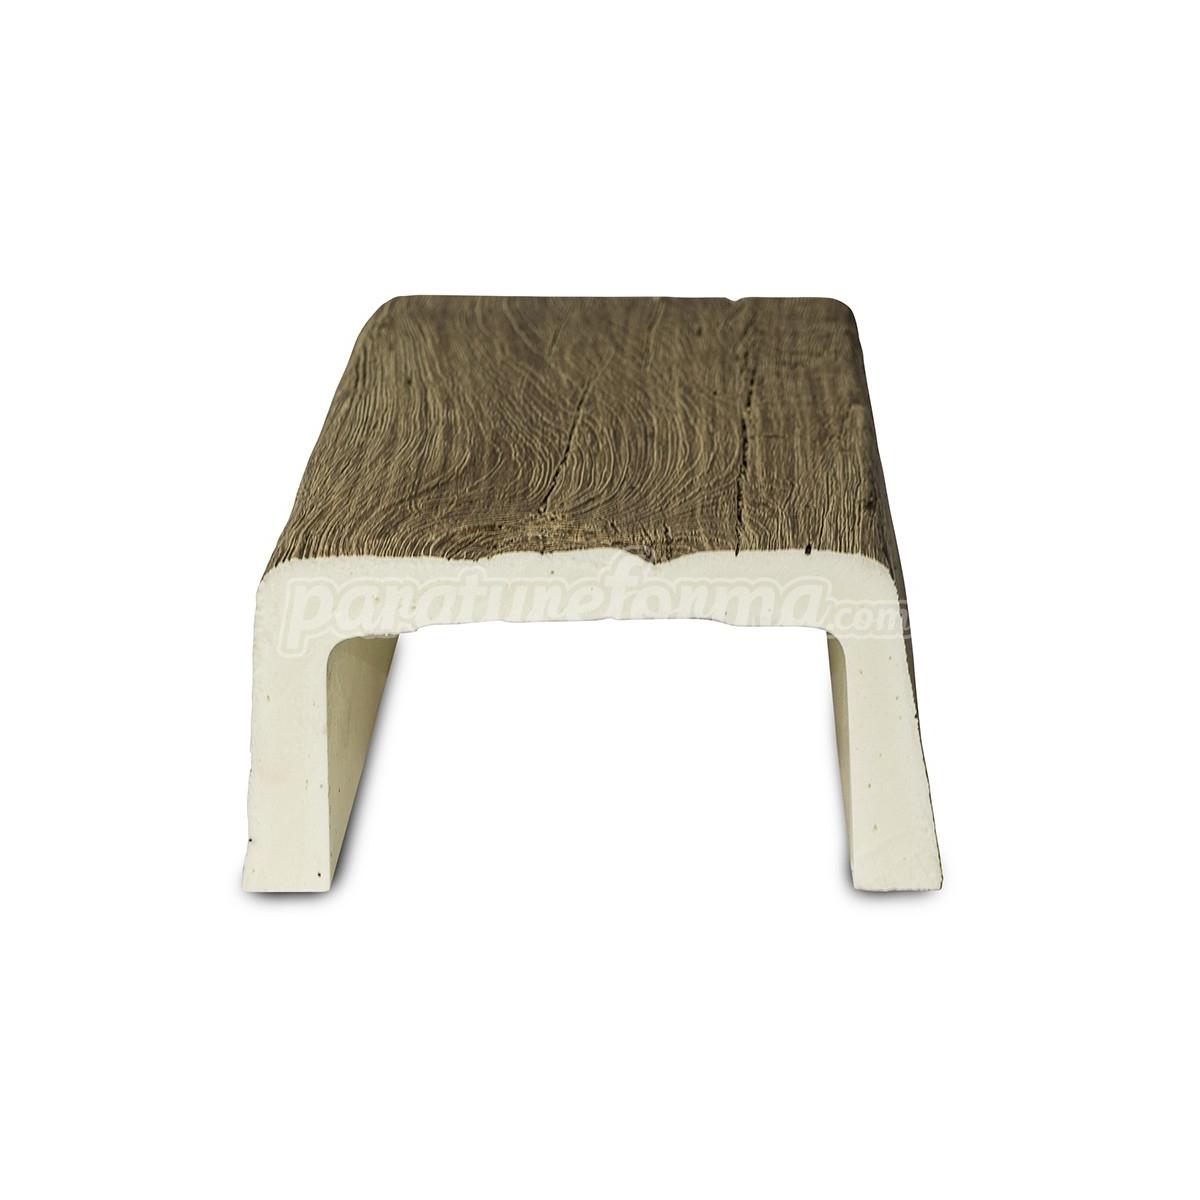 Viga 300x14,5x8 imitación madera al mejor precio